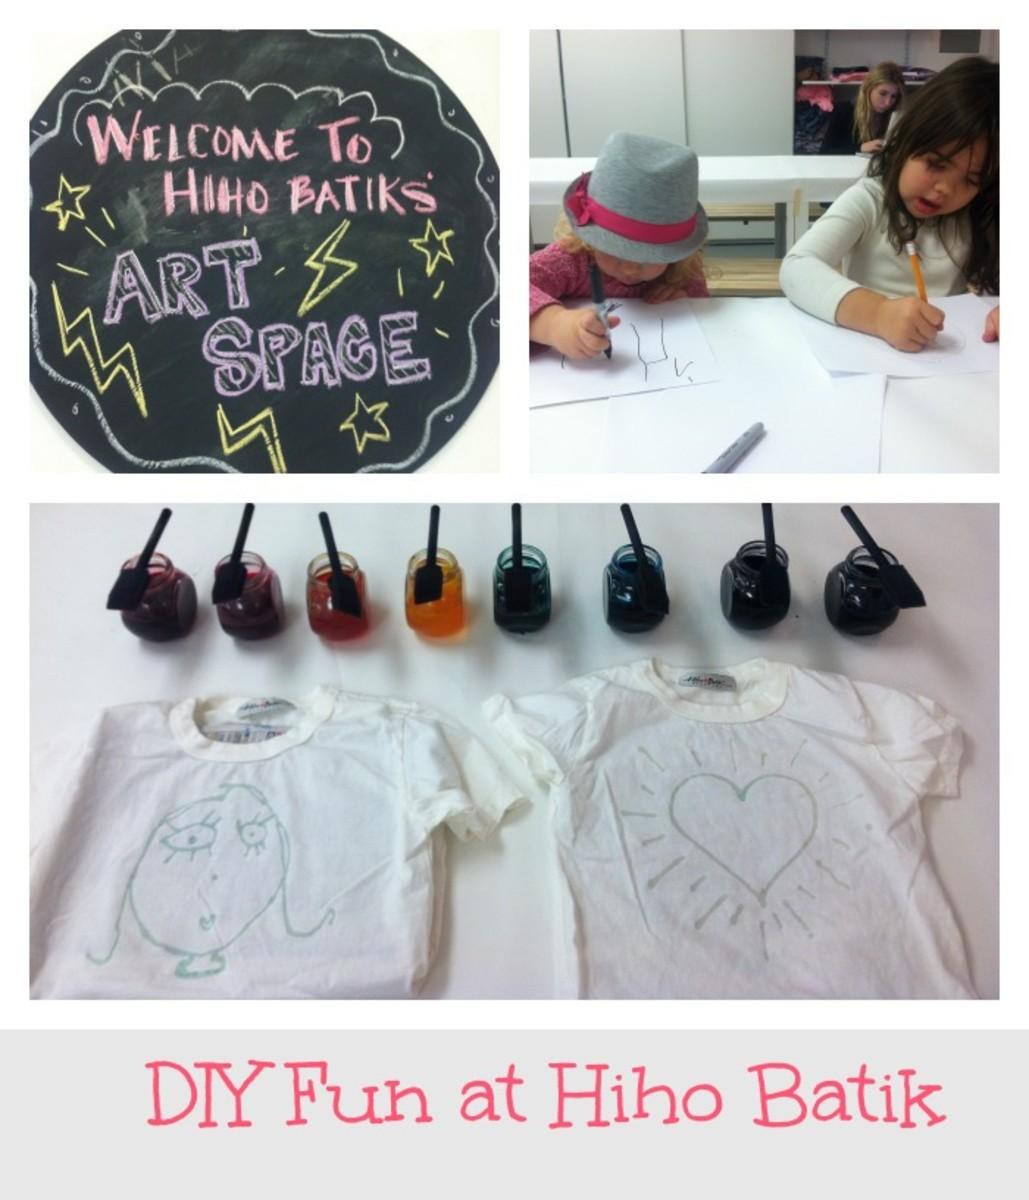 diy t shirt designs at hiho batik momtrends. Black Bedroom Furniture Sets. Home Design Ideas